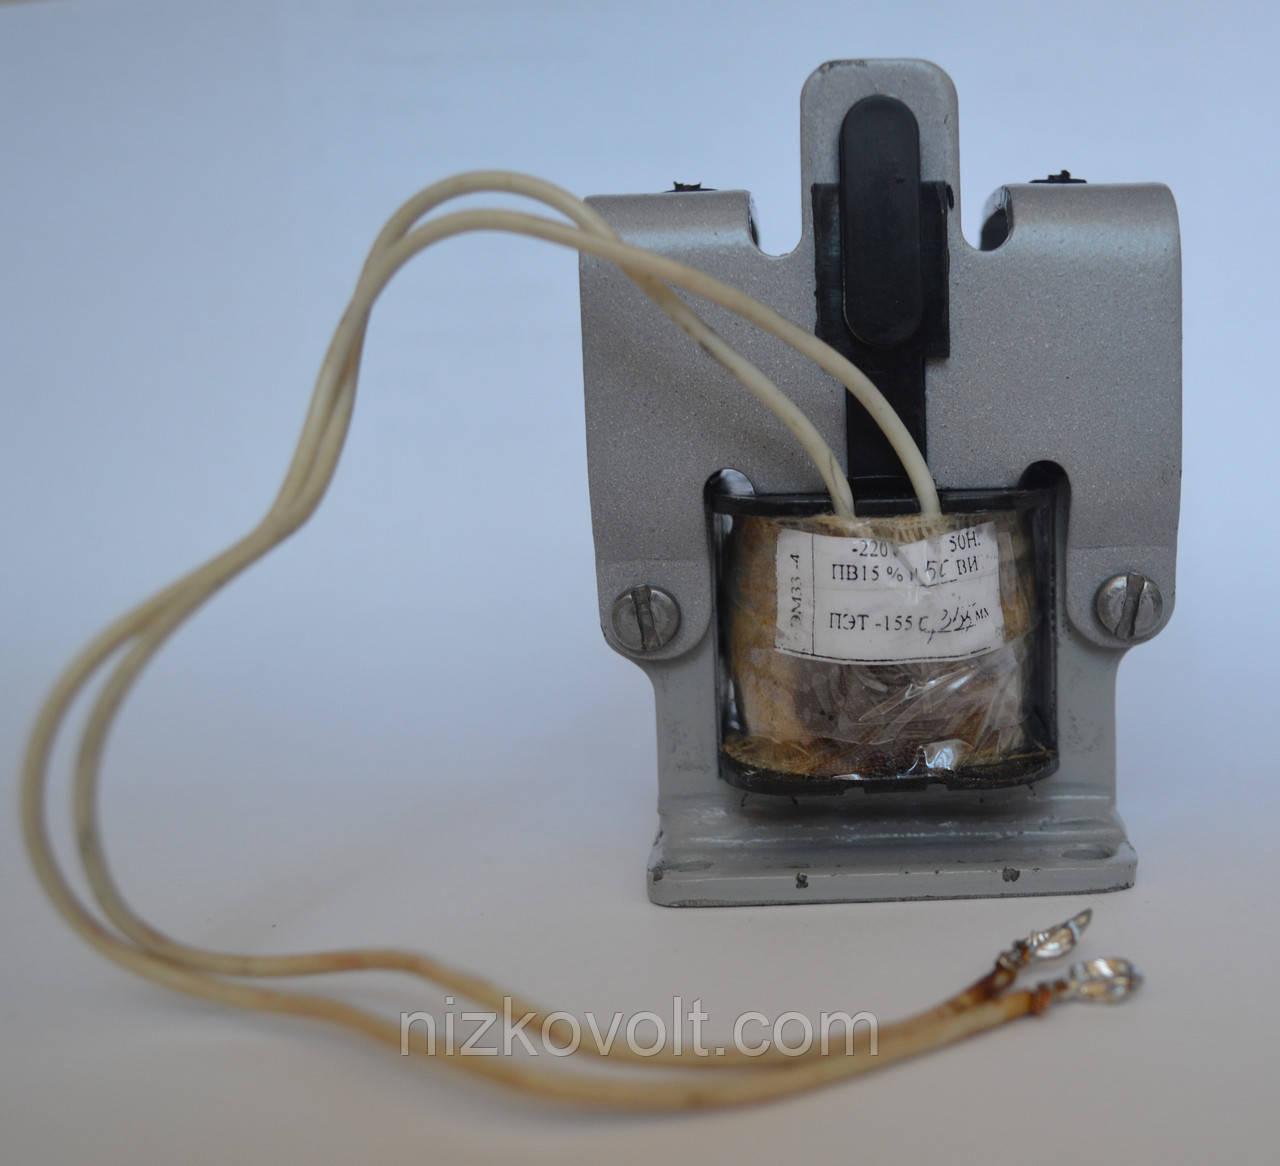 Электромагниты ЭМ 33-4, ЭМ 33-5 переменного тока